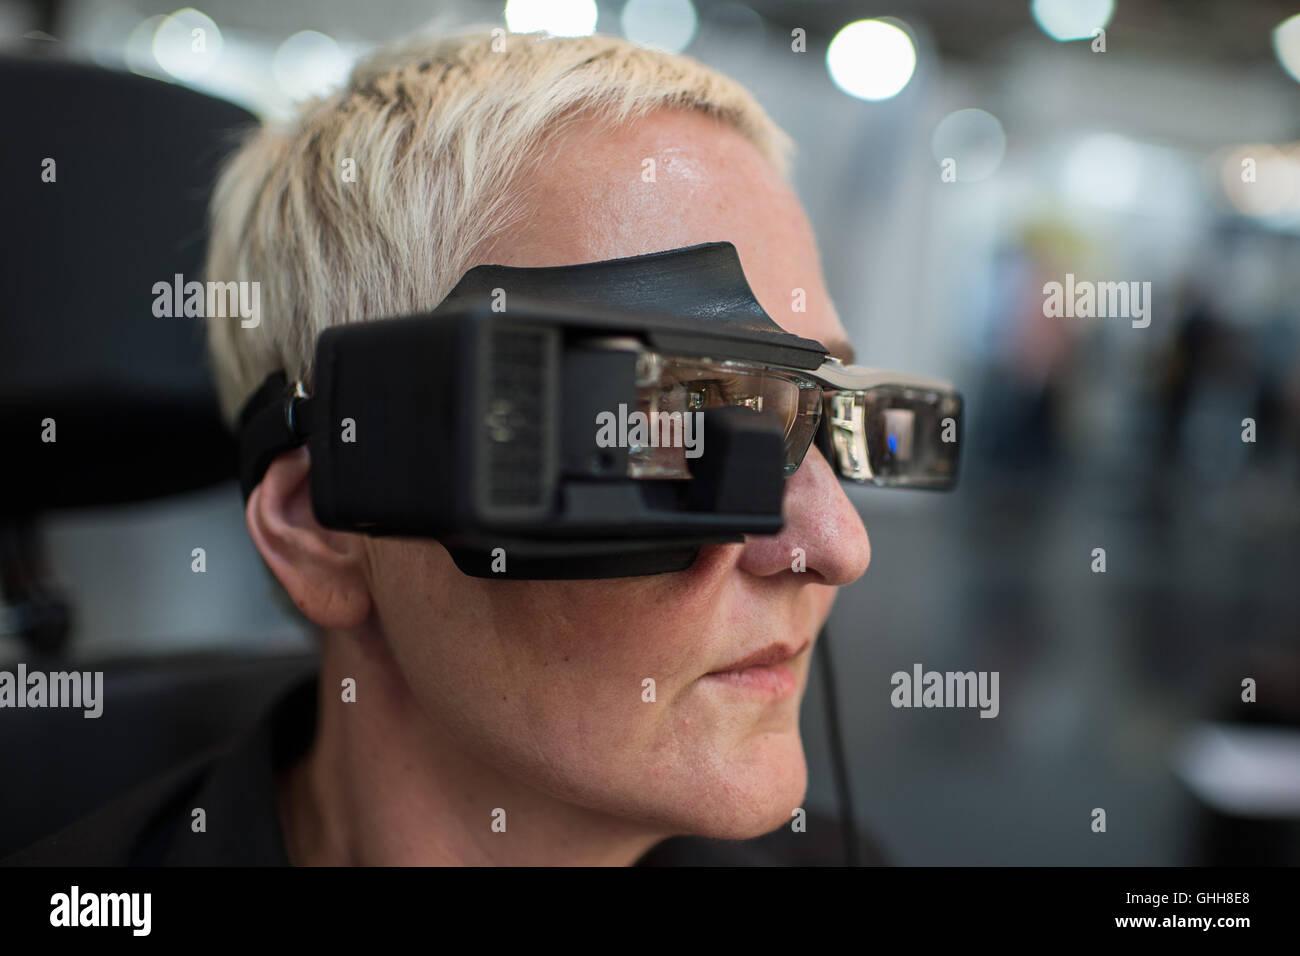 """En Dusseldorf, Alemania. 28 Sep, 2016. Una mujer vistiendo el llamado 'hablar' ojos gafas durante la inauguración de la feria internacional """"Rheacare care' en Dusseldorf, Alemania, el 28 de septiembre de 2016. Las gafas están equipados con una pantalla y un teclado virtual. Un inbuild cámara reconoce el movimiento del ojo de la persona llevar las gafas, permitiendo la selección de letras en el monitor. Las gafas se dice que es un sistema de comunicación para personas con muy poco movimiento y comunicación. La feria se extiende hasta el 1 de octubre de 2016. Foto: WOLFRAM KASTL/dpa/Alamy Live News Foto de stock"""